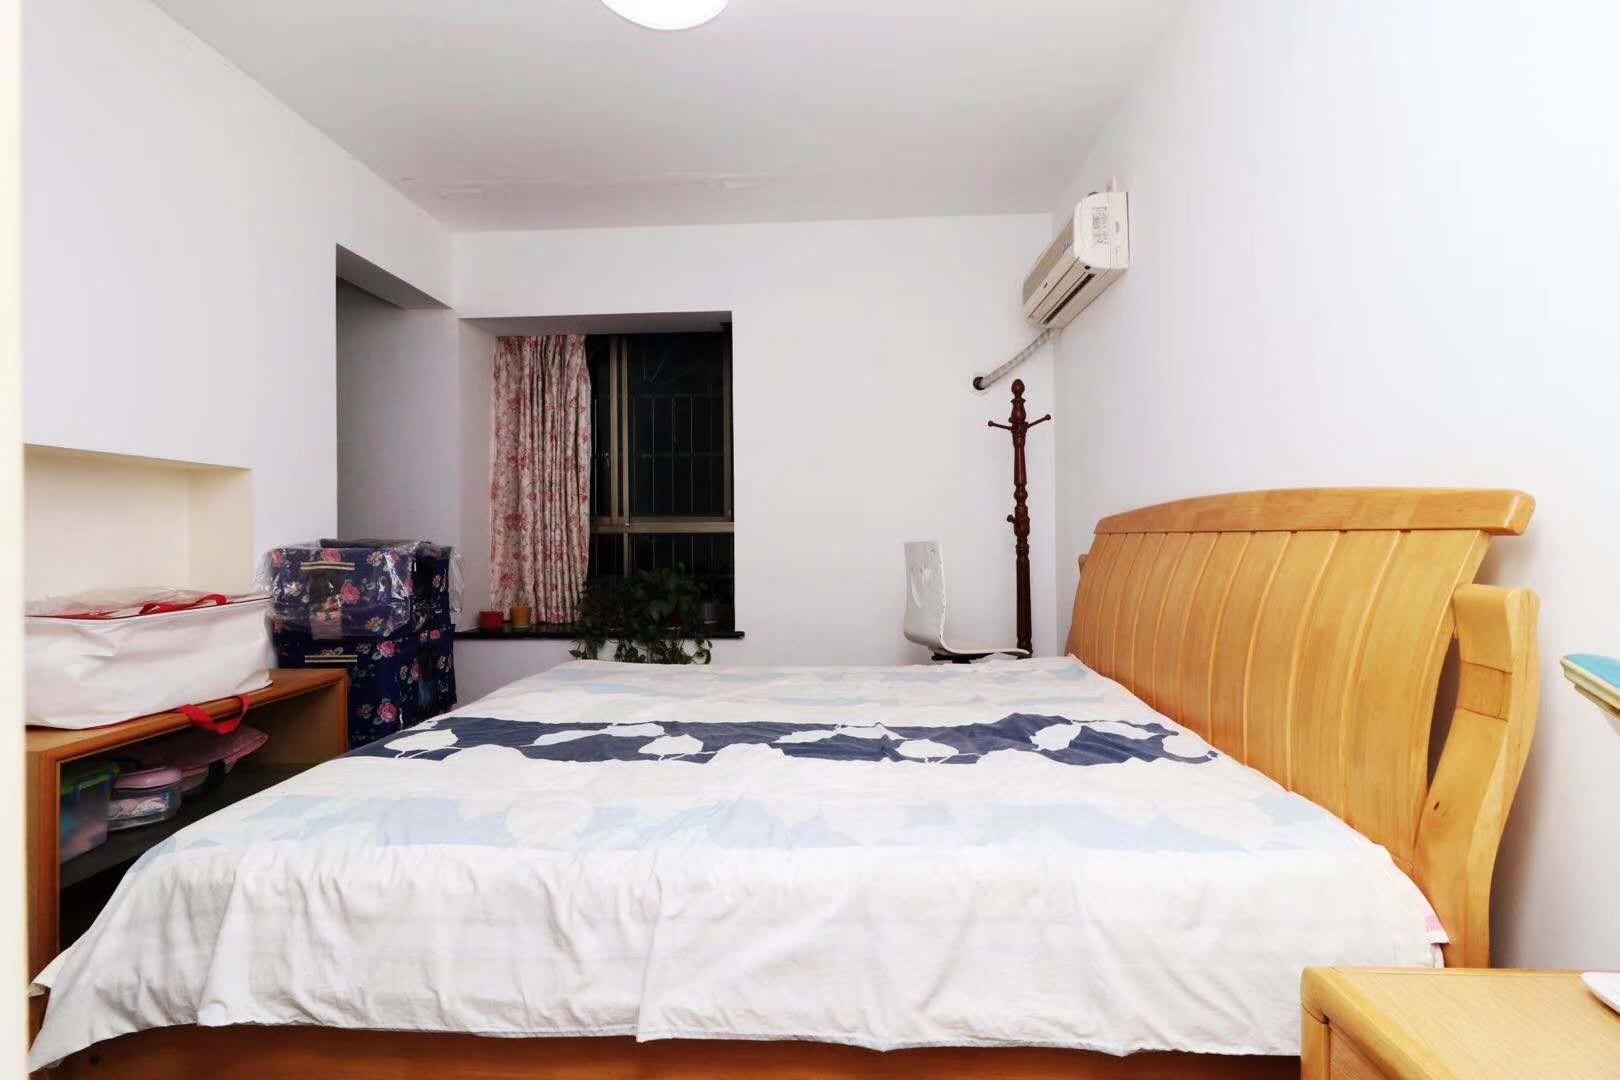 长沙110平米现代简约次卧装修效果图